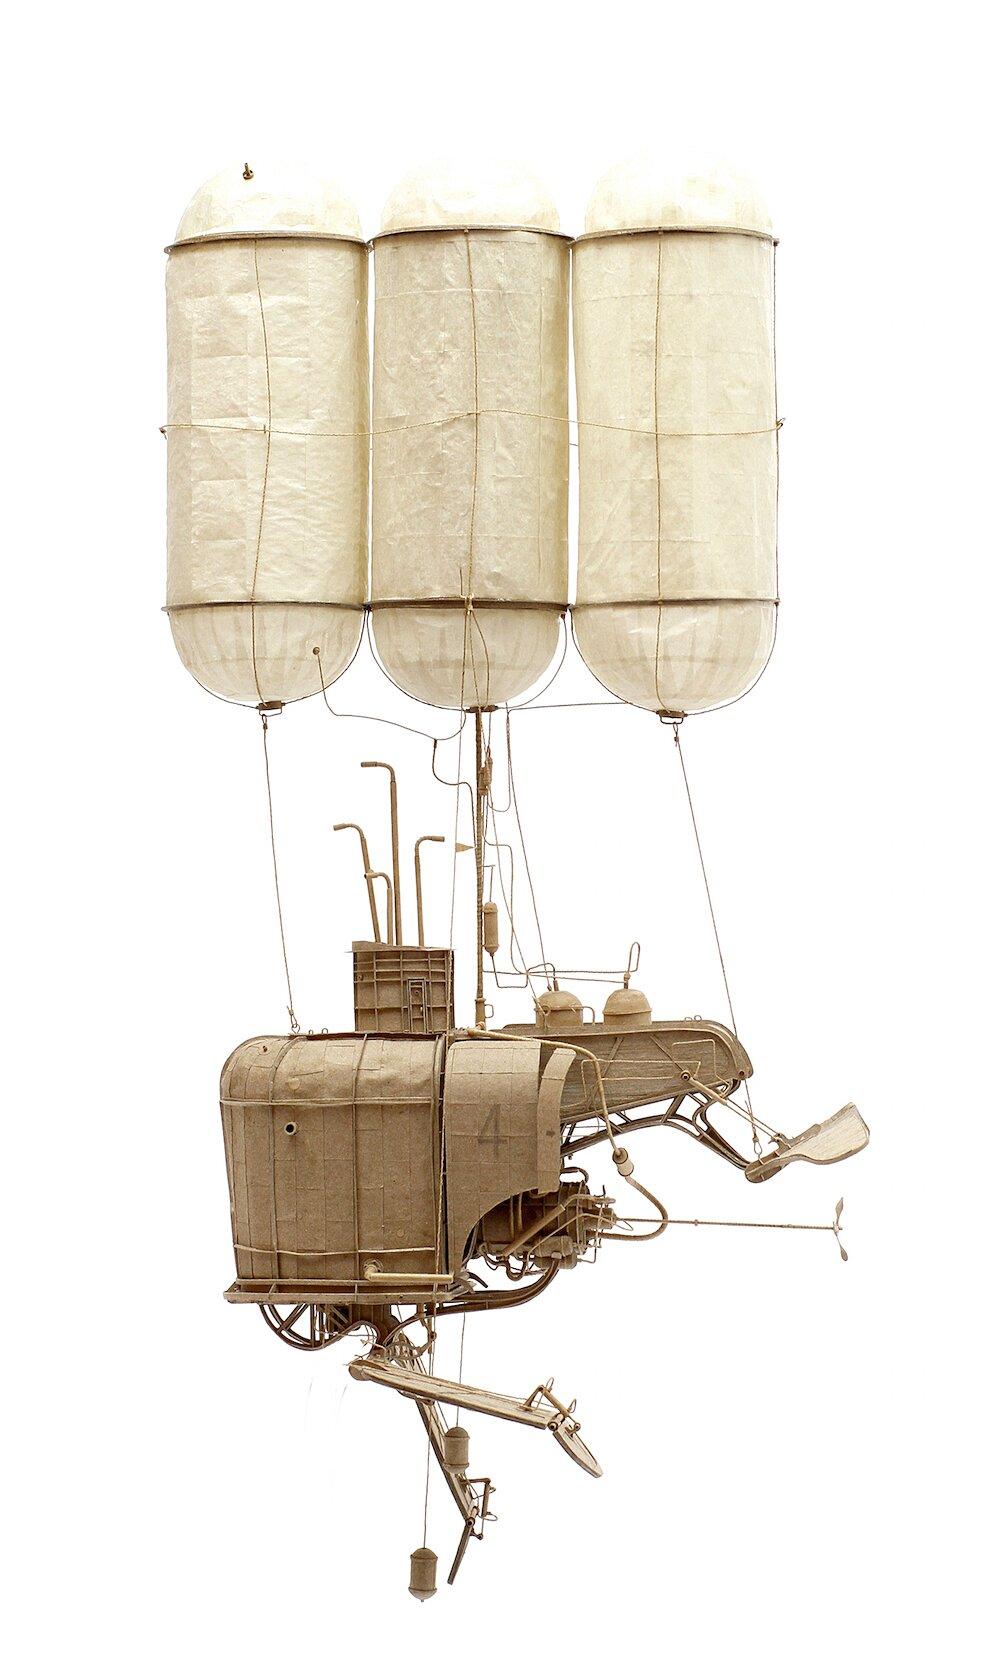 immaginarie-macchine-volanti-miniature-carta-daniel-agdag-03